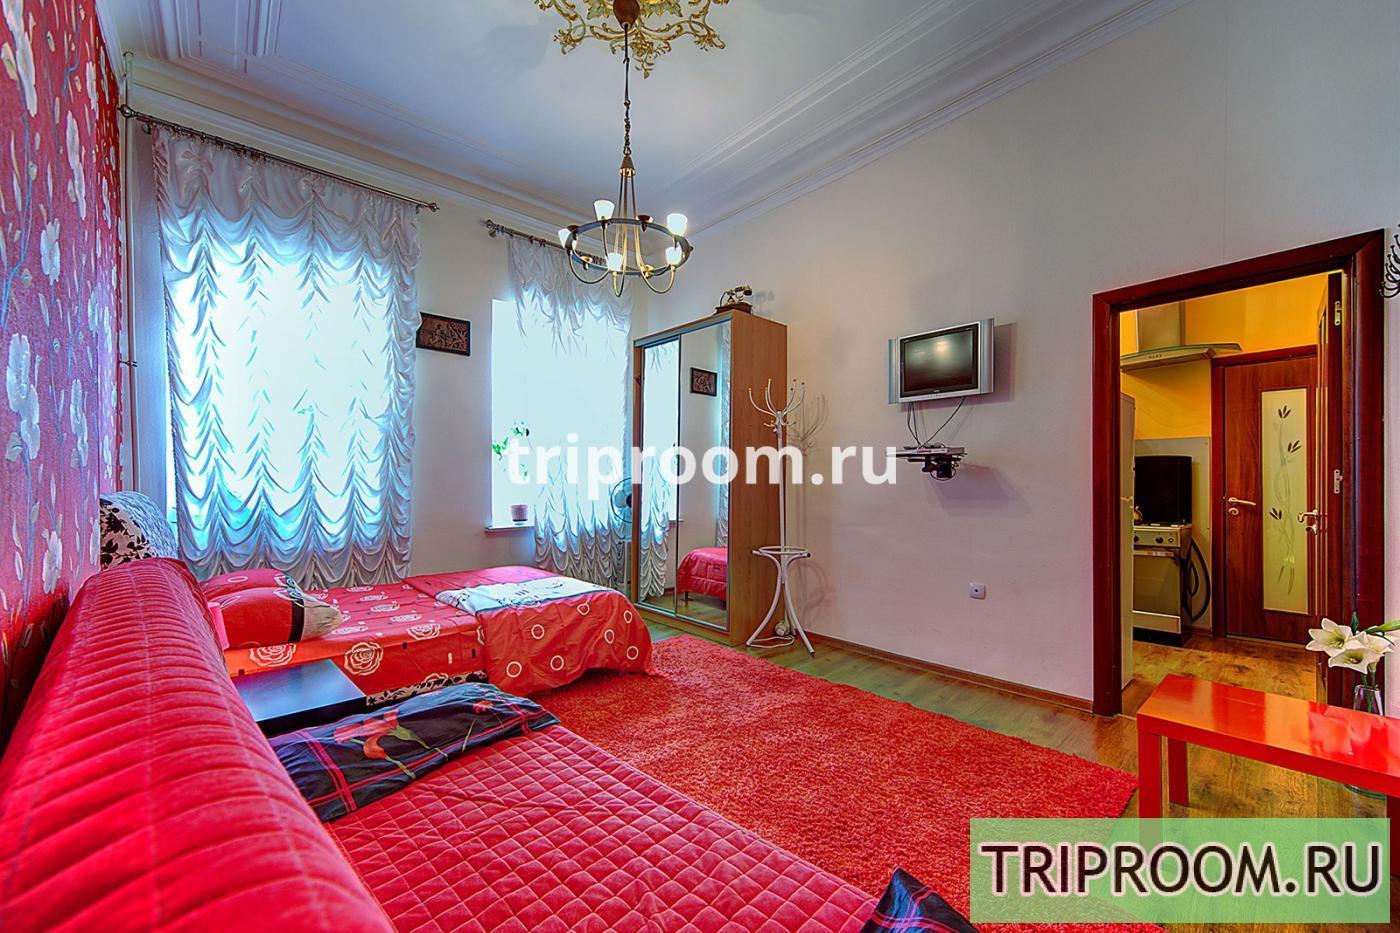 1-комнатная квартира посуточно (вариант № 15073), ул. Итальянская улица, фото № 1